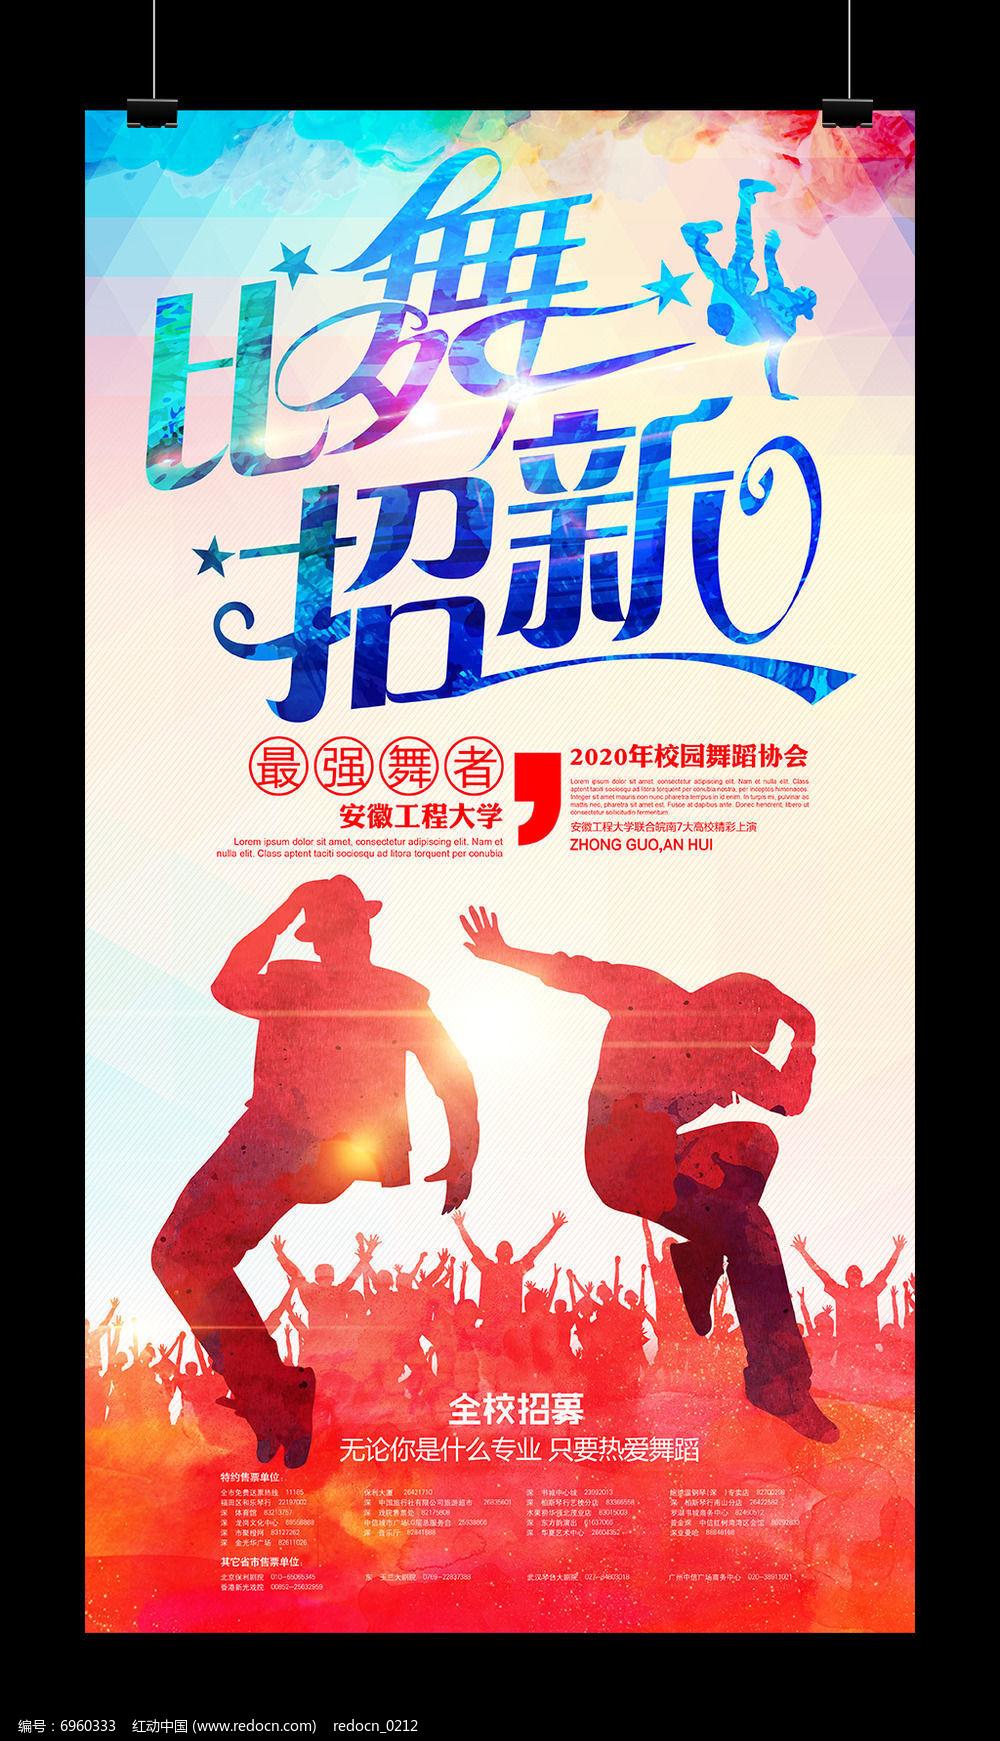 大学校园舞蹈街舞社团协会招新海报素材下载 编号6960333 红动网图片